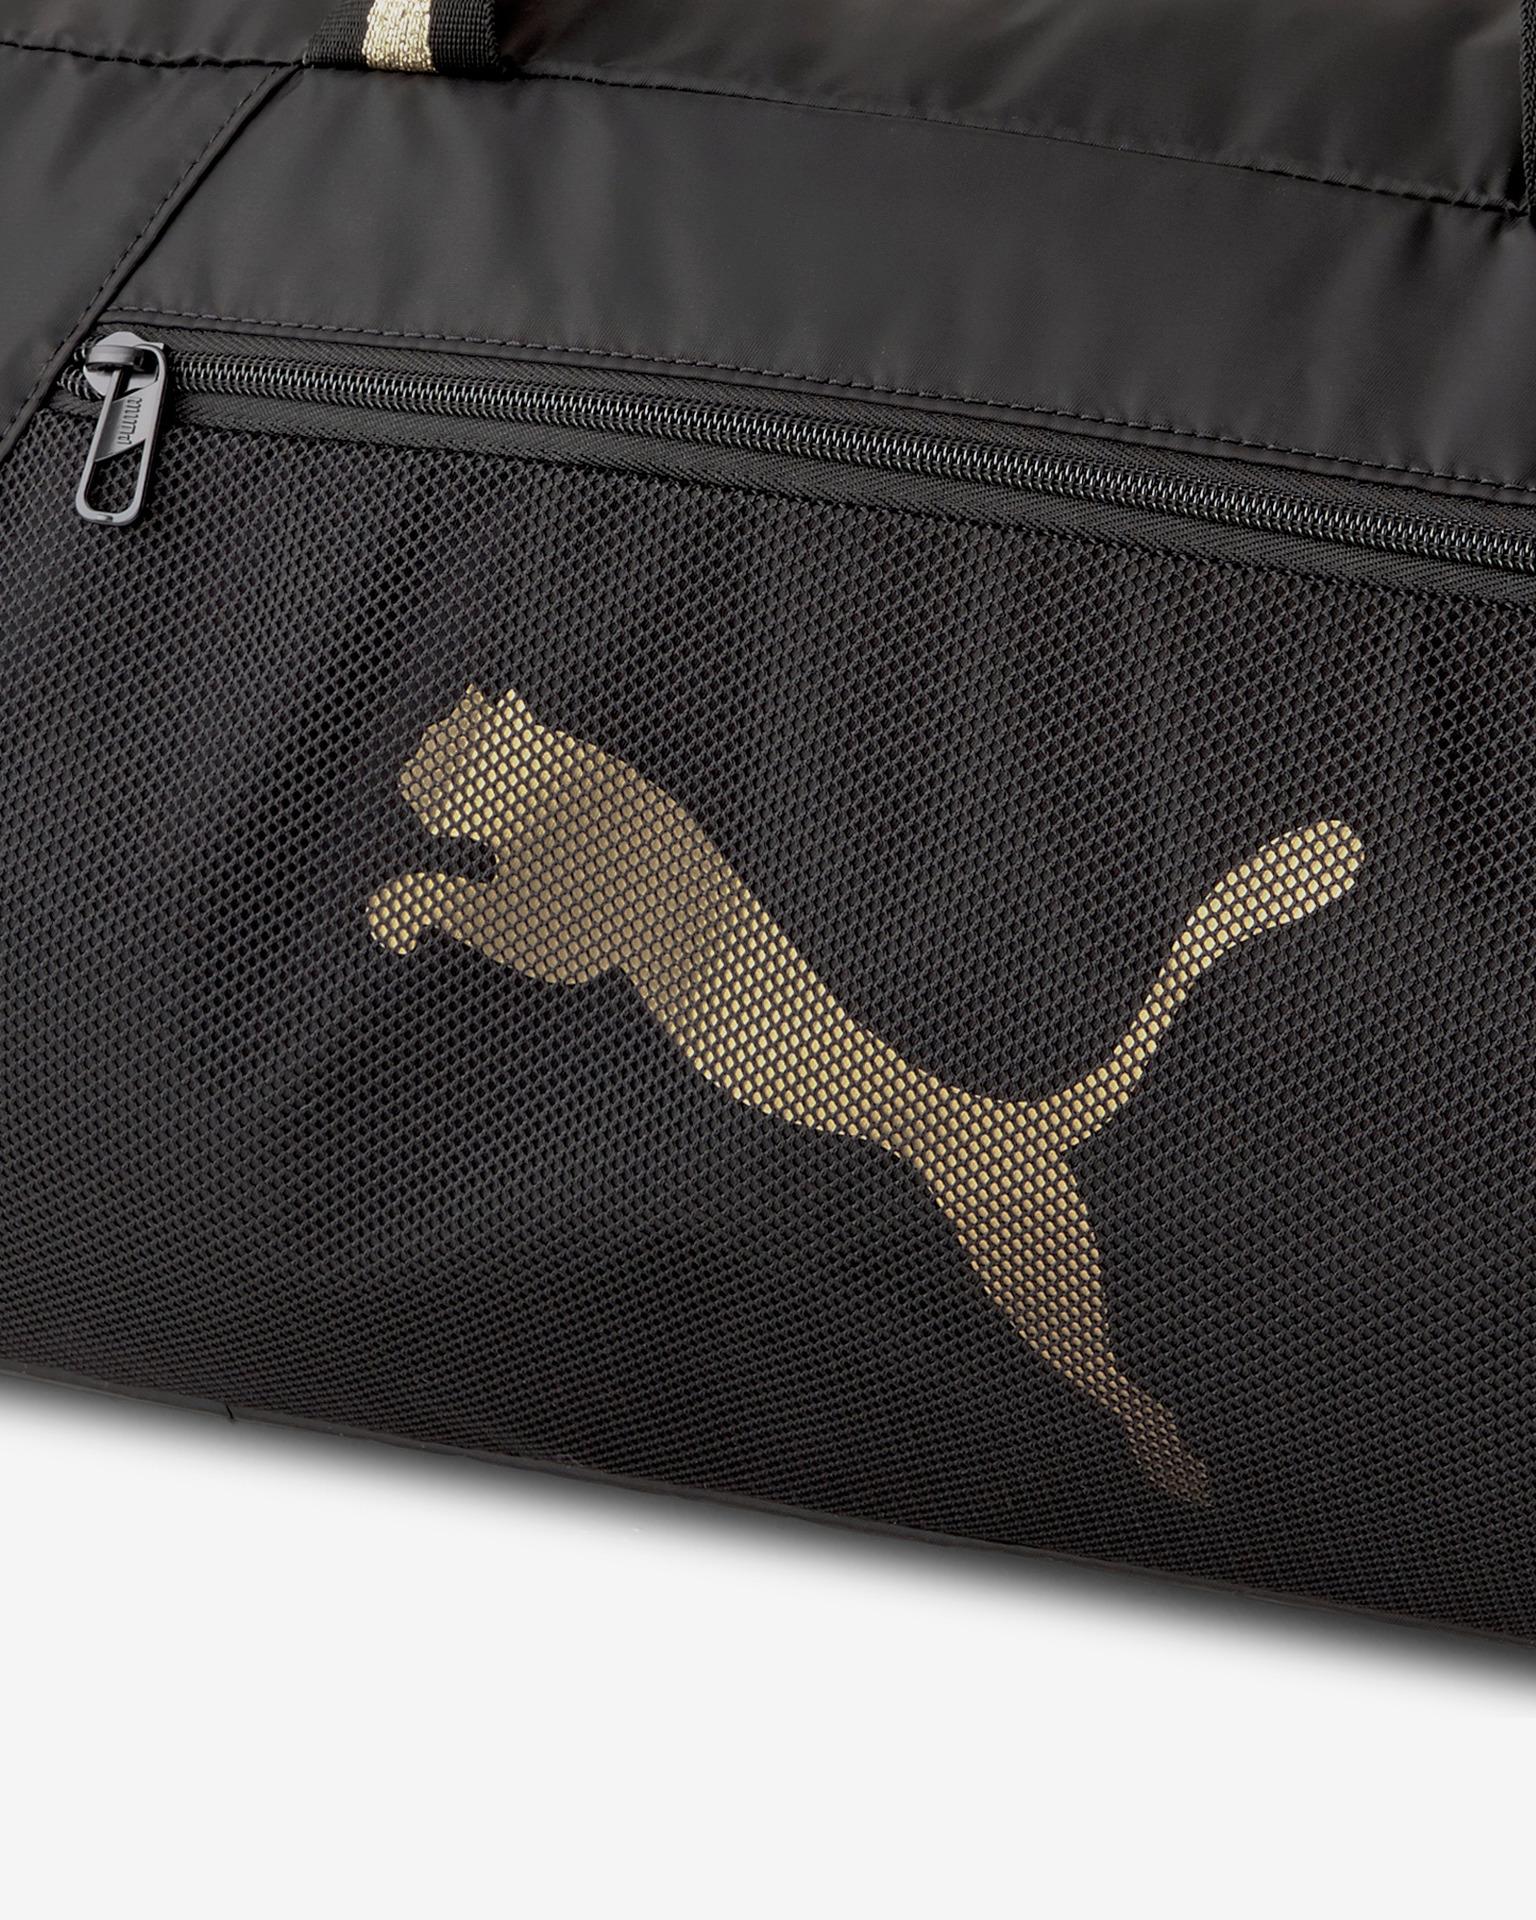 Puma nero da viaggio borsa AT ESS Barrel